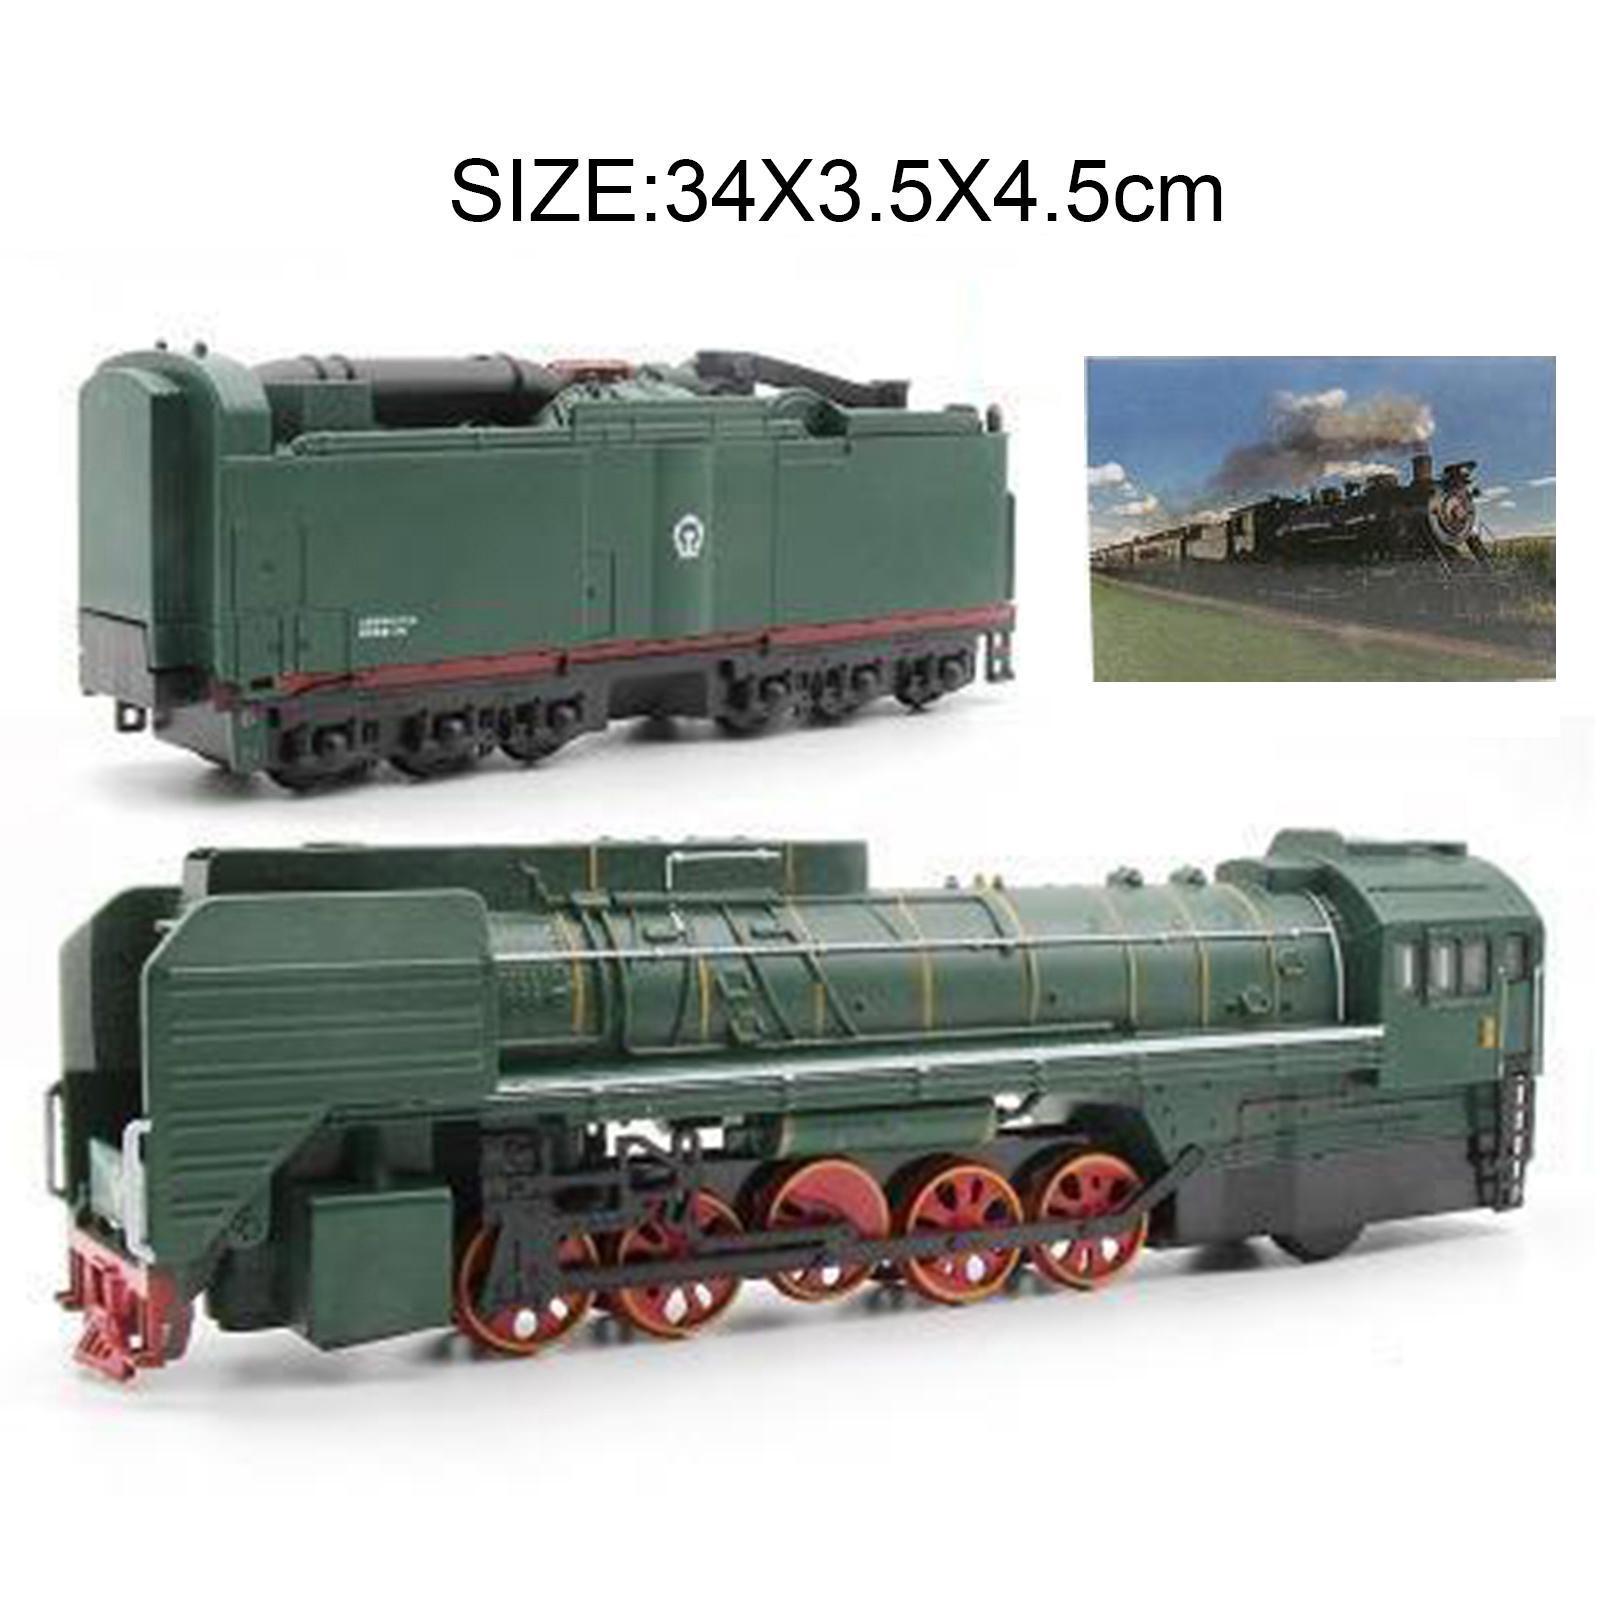 miniature 13 - Train à vapeur magnétique jouet Diecast Locomotive reculez le modèle d'alliag